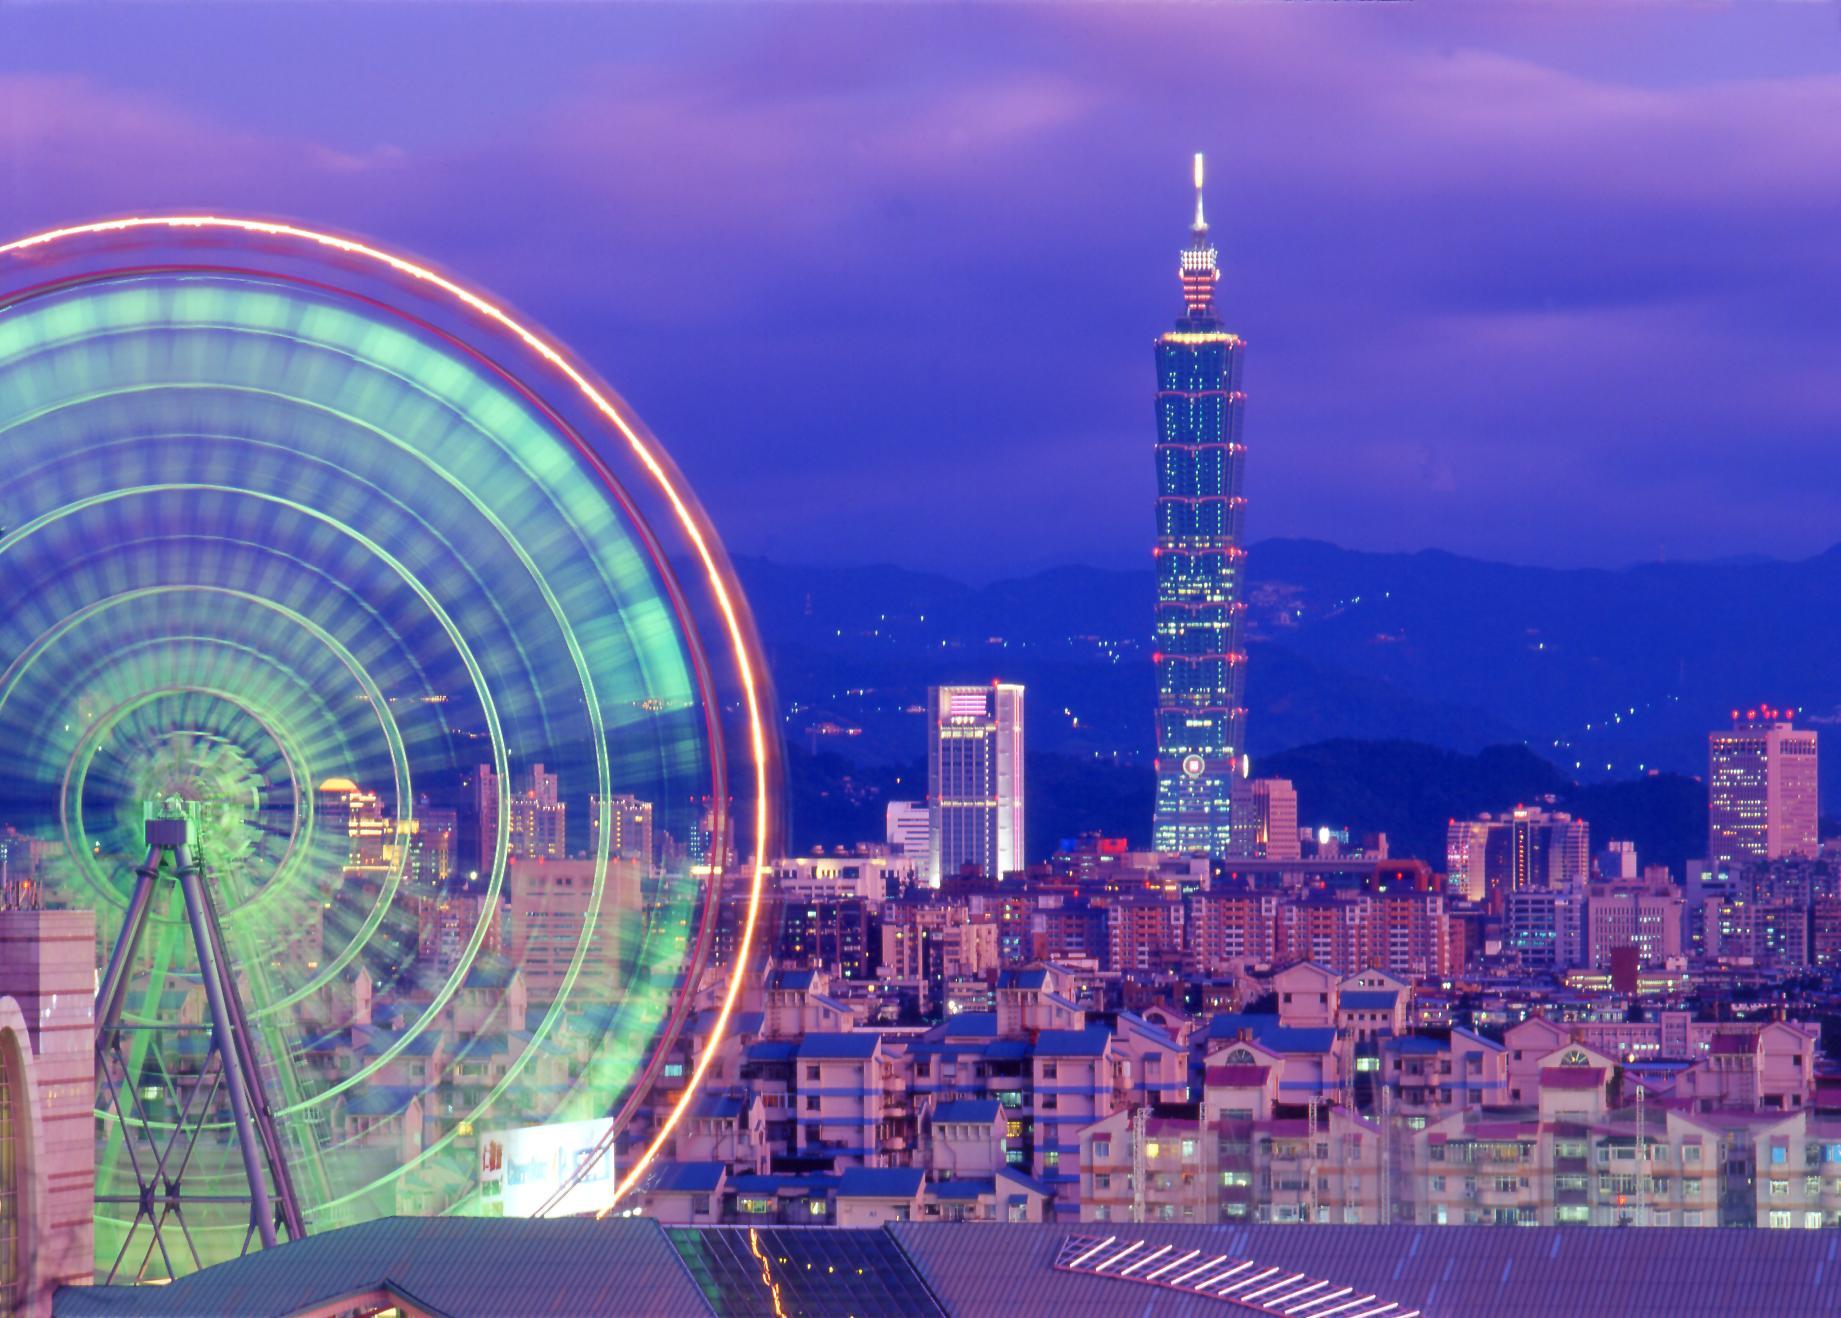 Tour du lịch Nhật Bản - Đài Loan: Đài Bắc - Tokyo - Núi phú Sĩ - Kawaguchiko